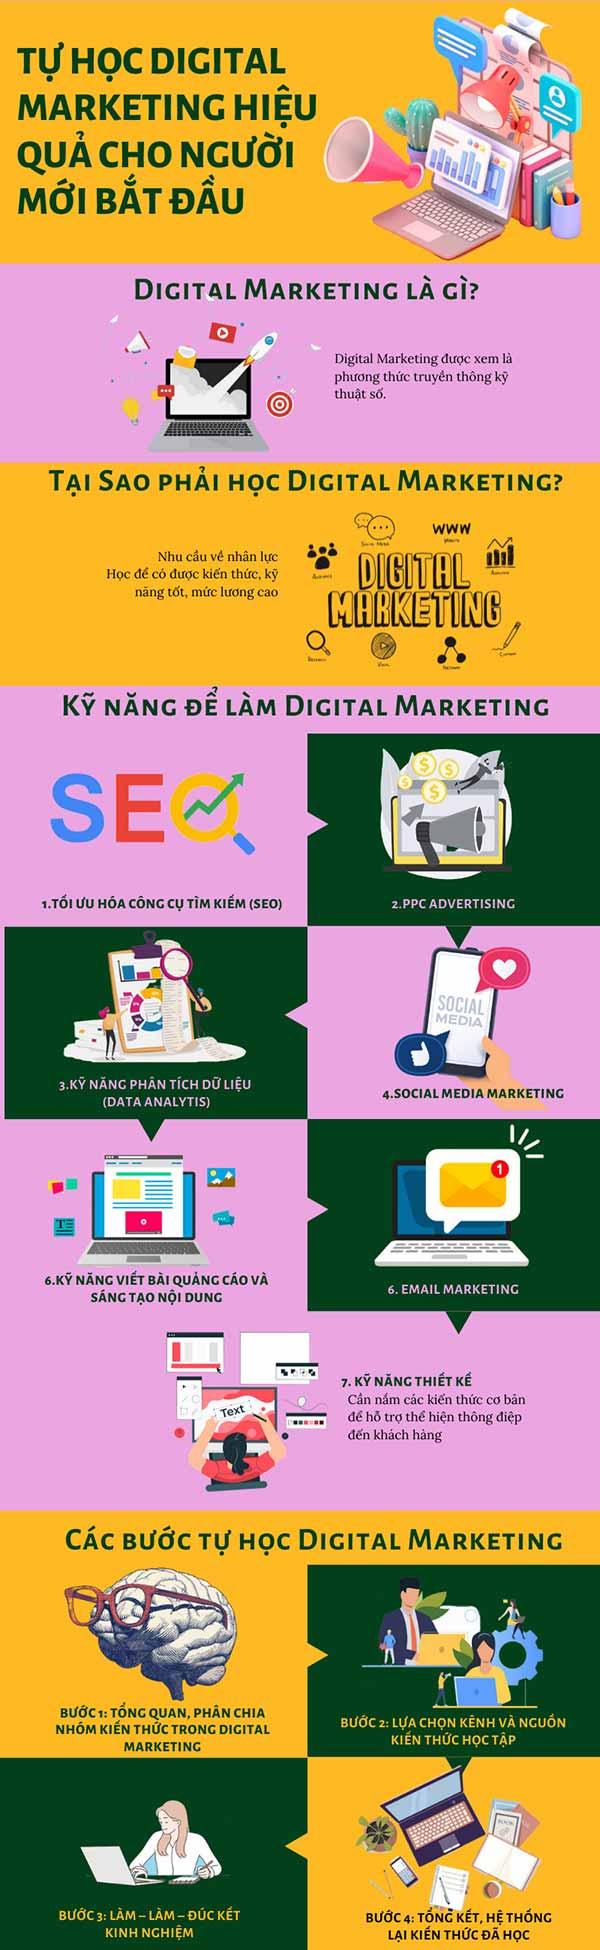 Tự học Digital Marketing dành cho người mới